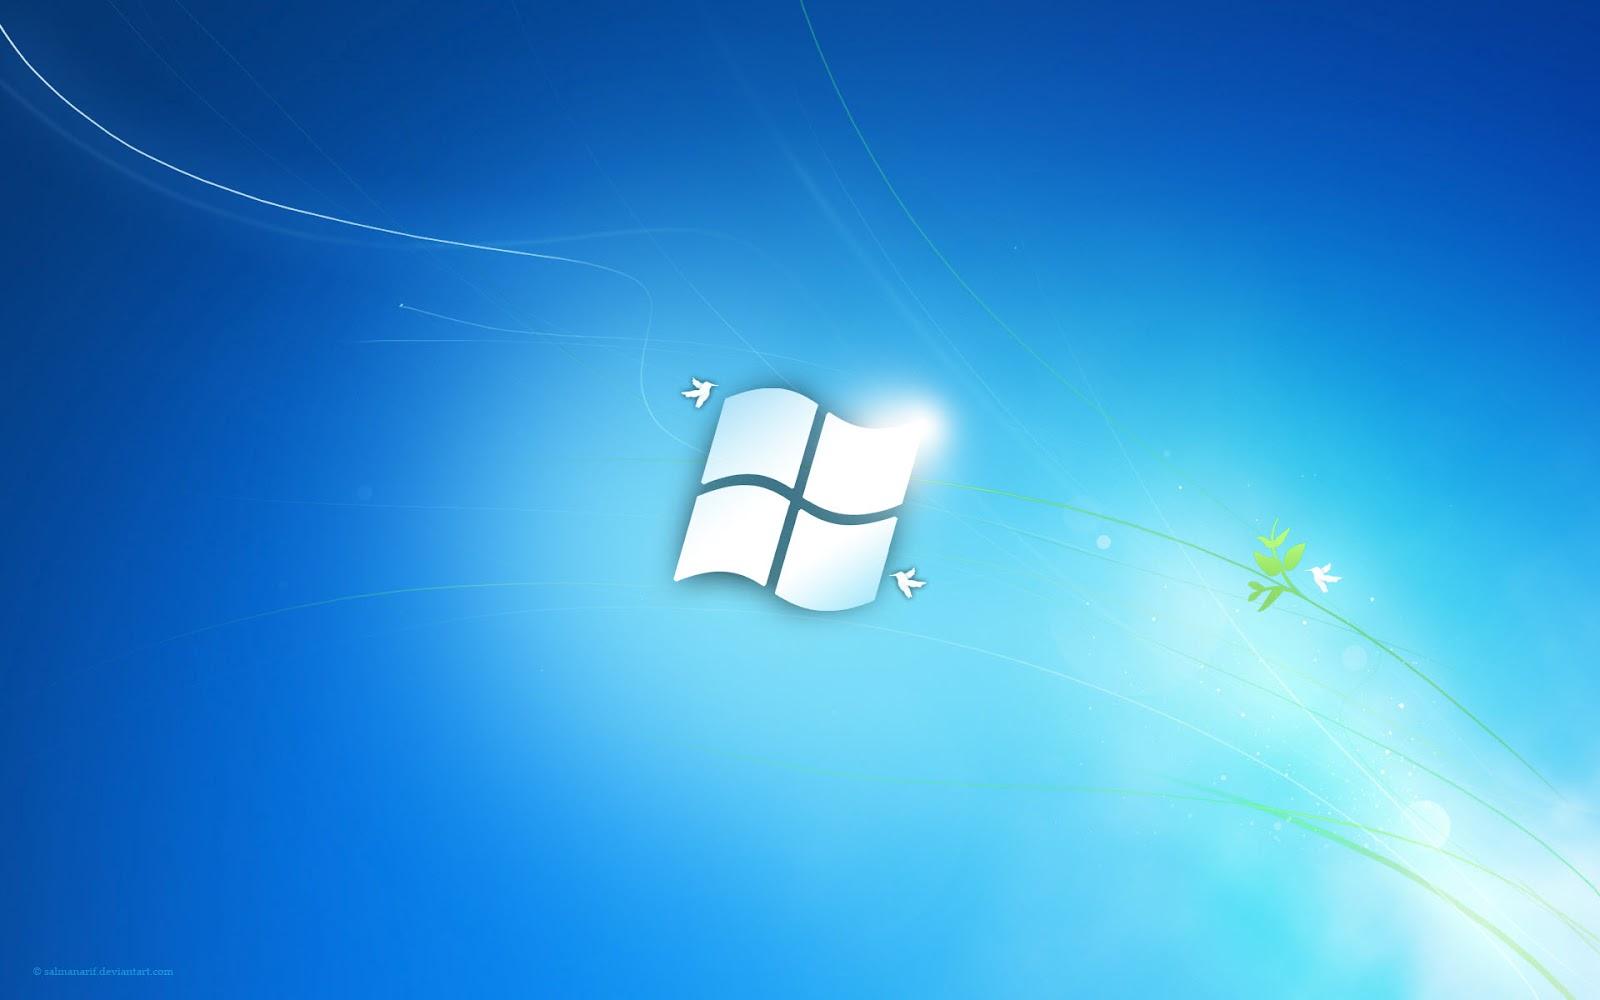 http://1.bp.blogspot.com/-N8LysFTMbfE/TzeU8gCgZQI/AAAAAAAAFbg/3I-MlVnjDkE/s1600/Windows+7+Wallpapers+9.jpg